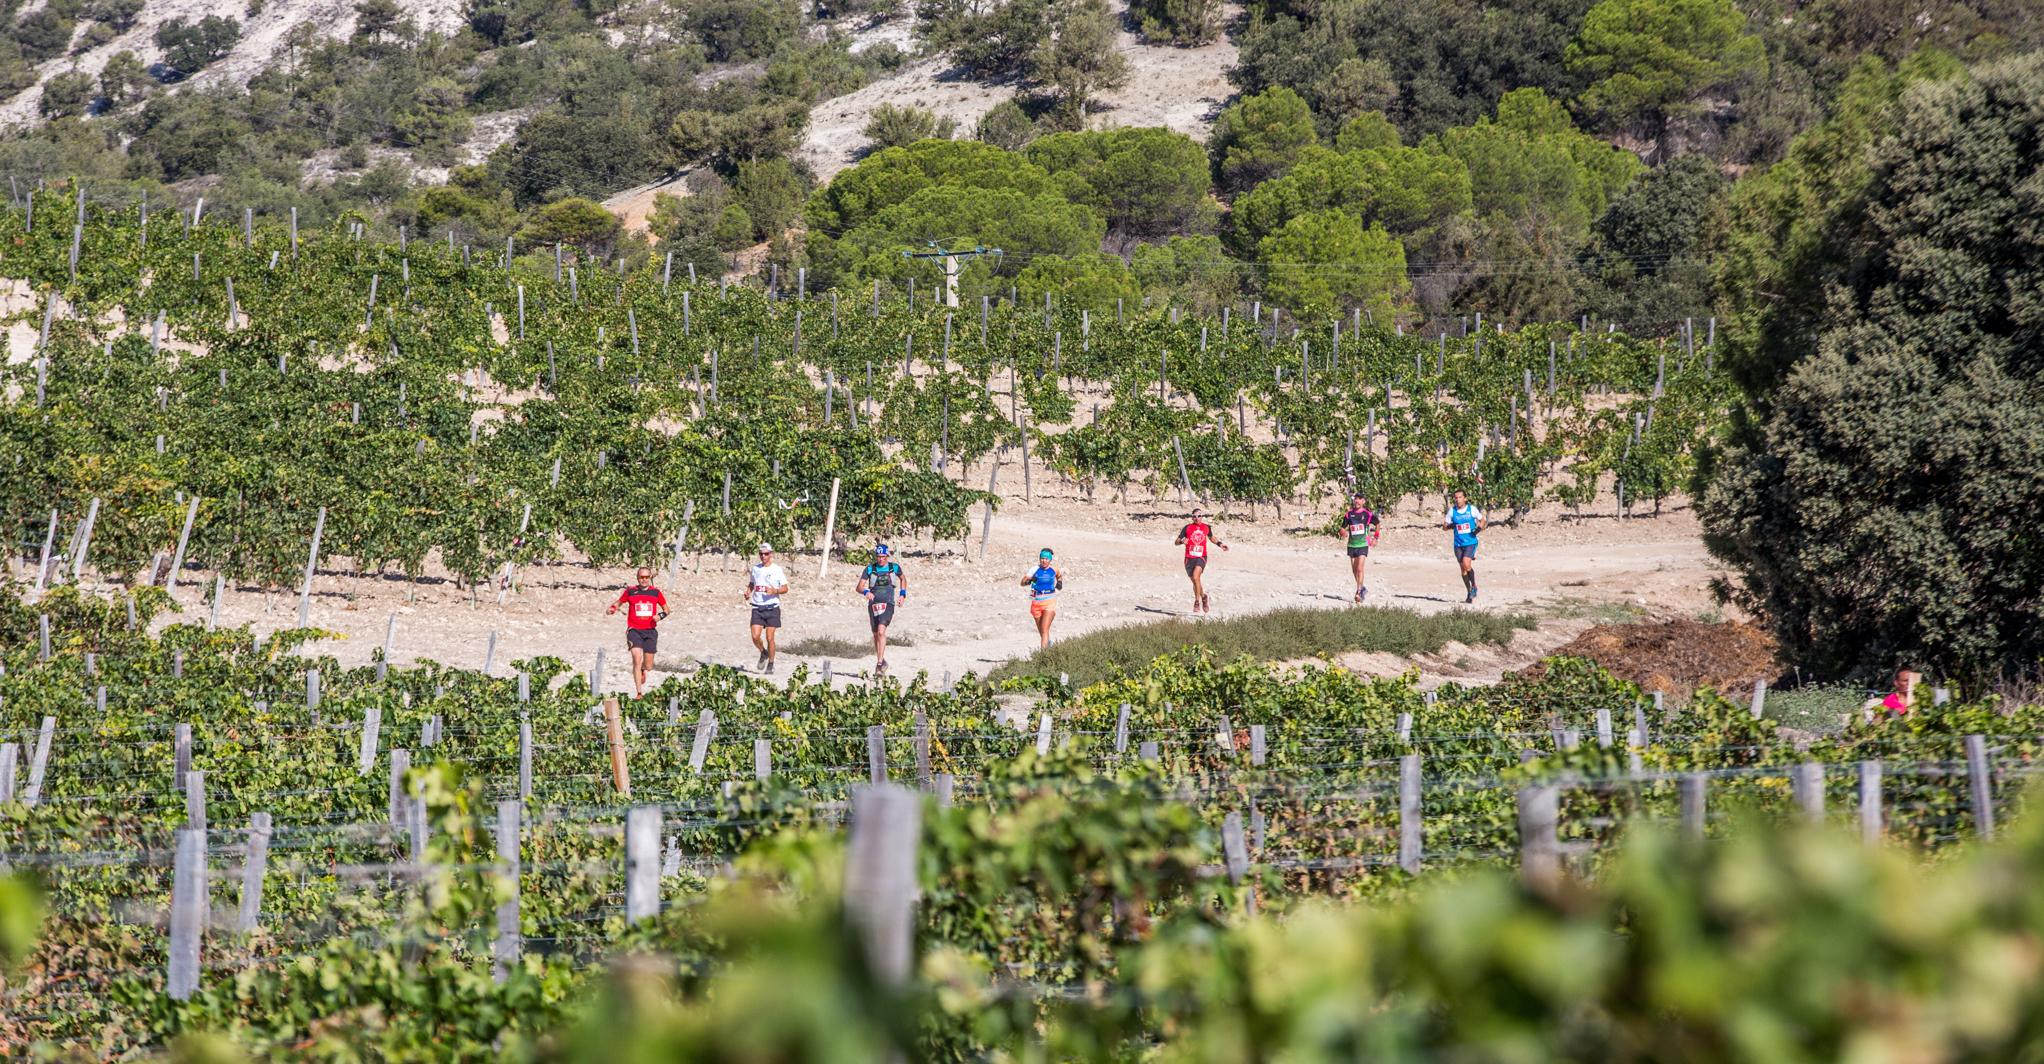 Varios corredores en un tramo del recorrido entre viñedos.